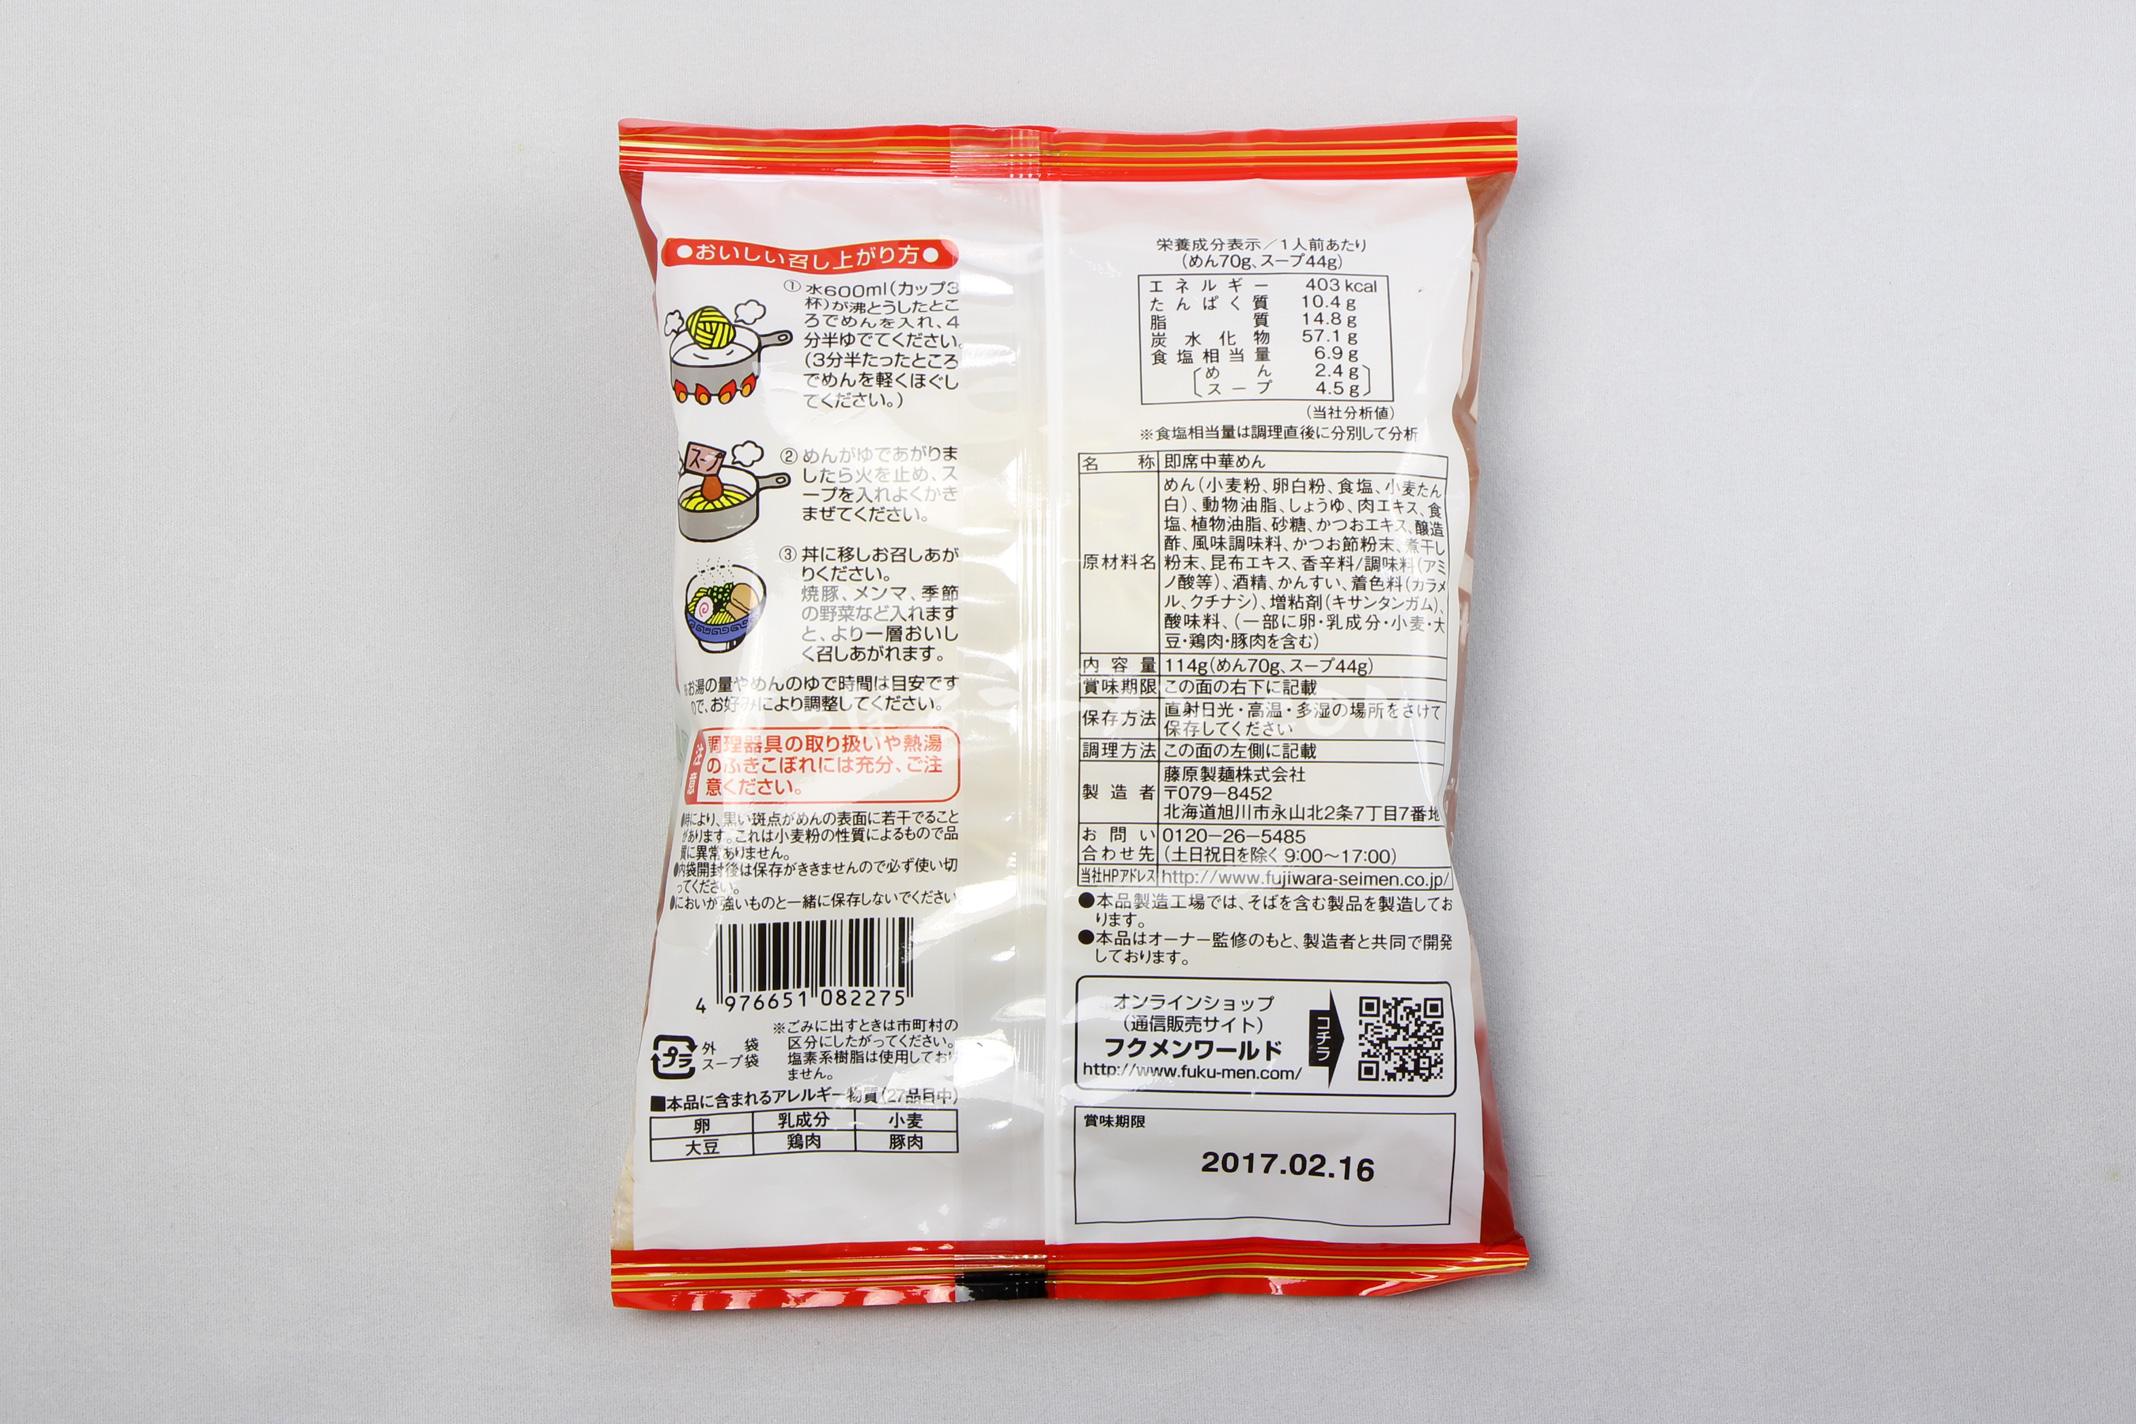 「旭川らぅめん 青葉 しょうゆ味」(藤原製麺)のパッケージ(裏)